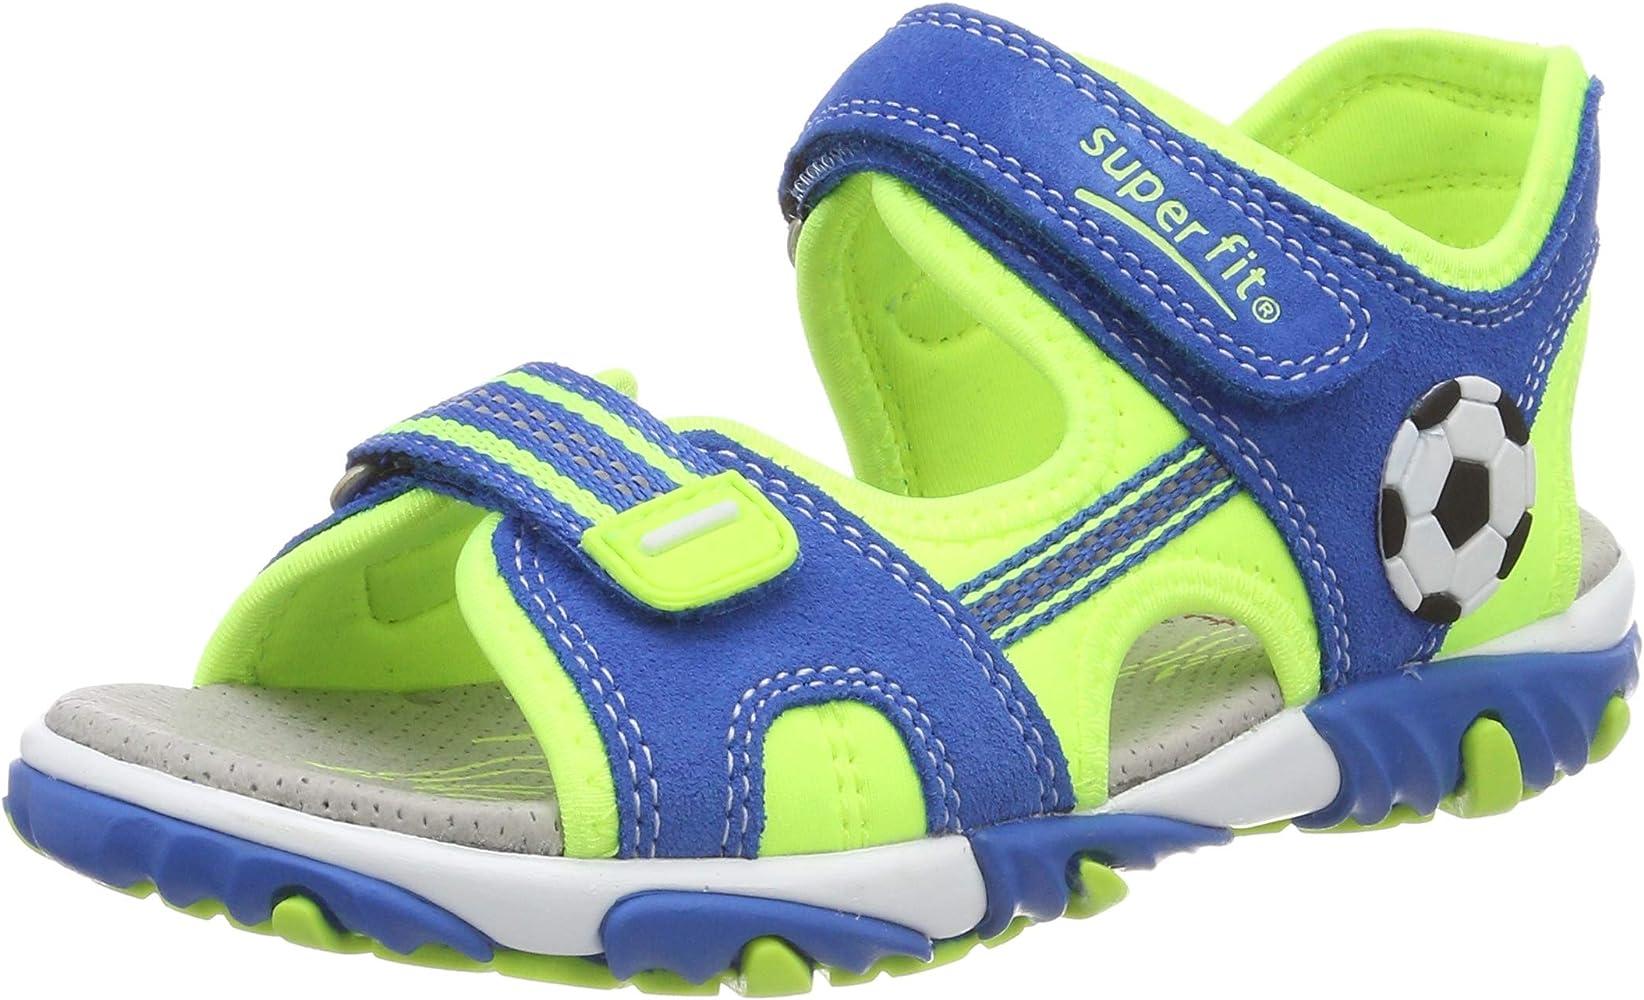 Basura A fondo vacío  Amazon.com: Superfit Mike - Sandalias de tobillo para niños, 4 M US: Shoes